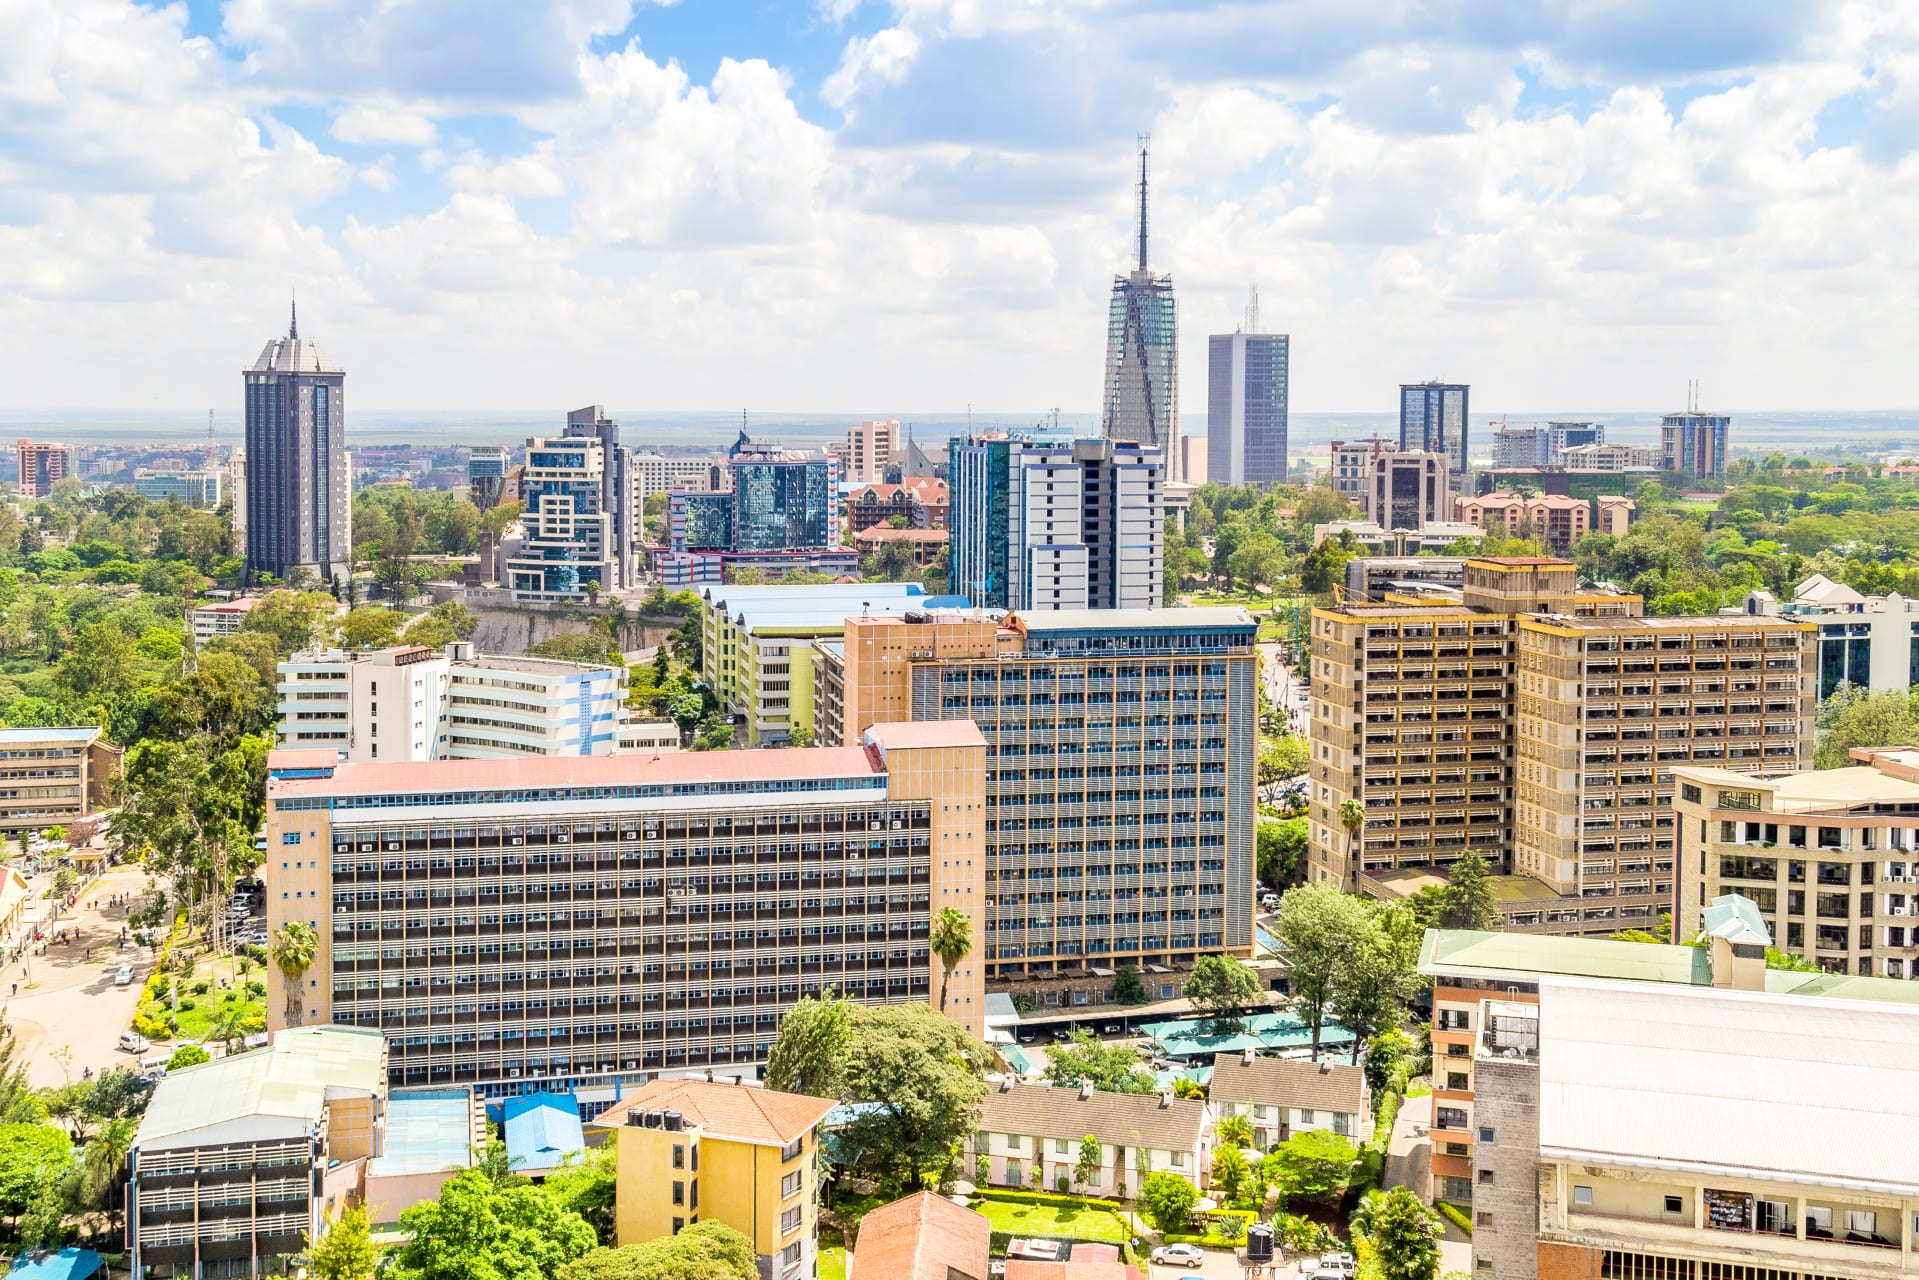 Nairobi - An Urban Safari in Downtown Nairobi